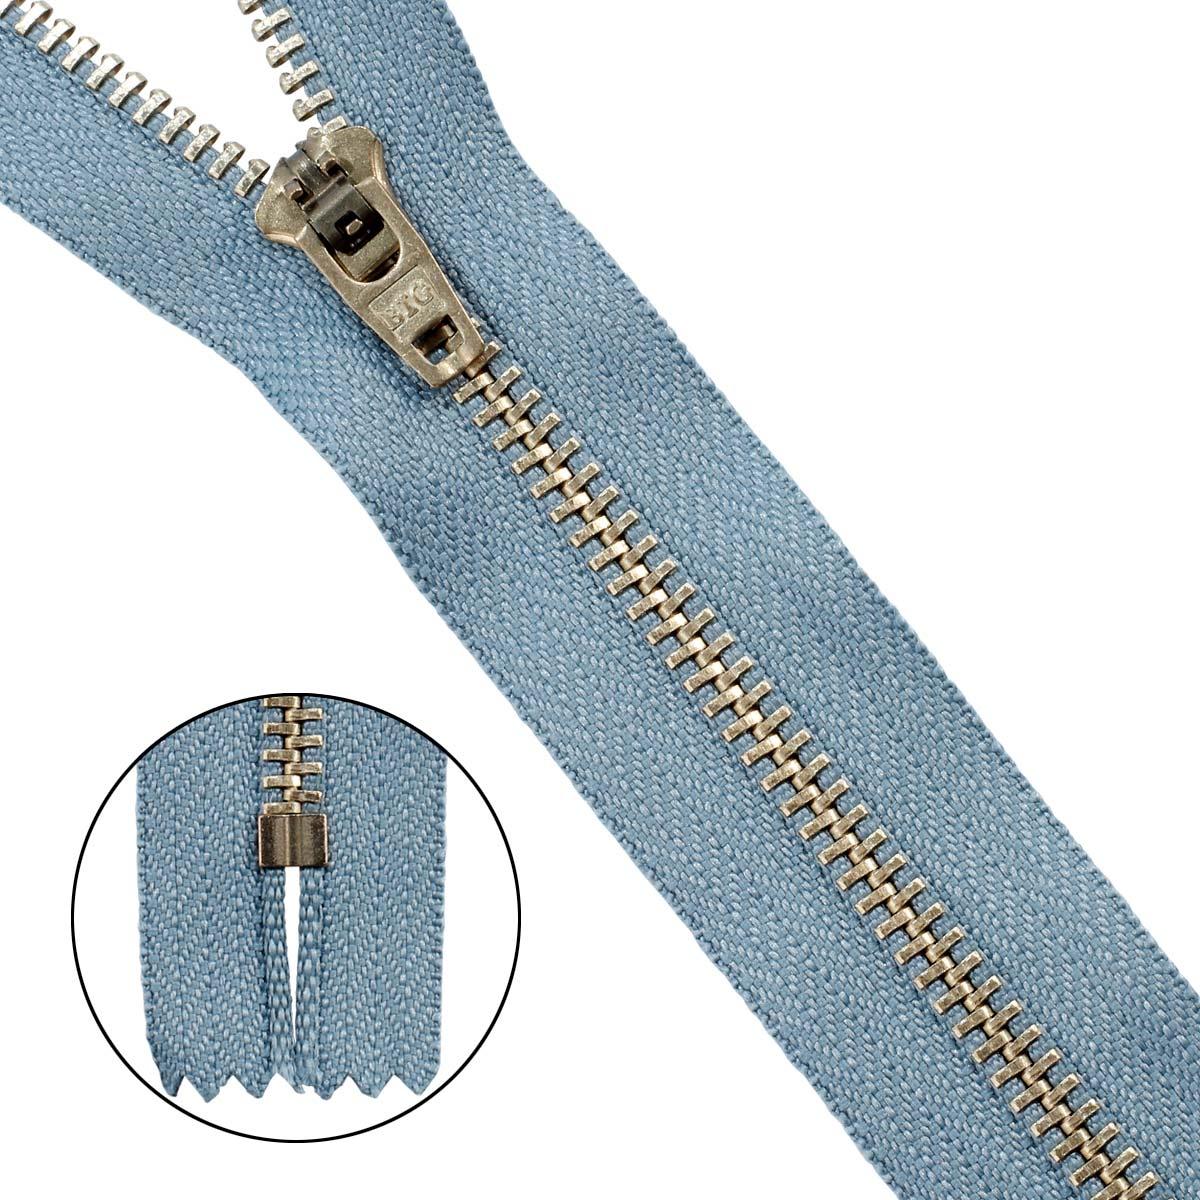 39067/14-3 Молния джинсовая 14 см с/сер.